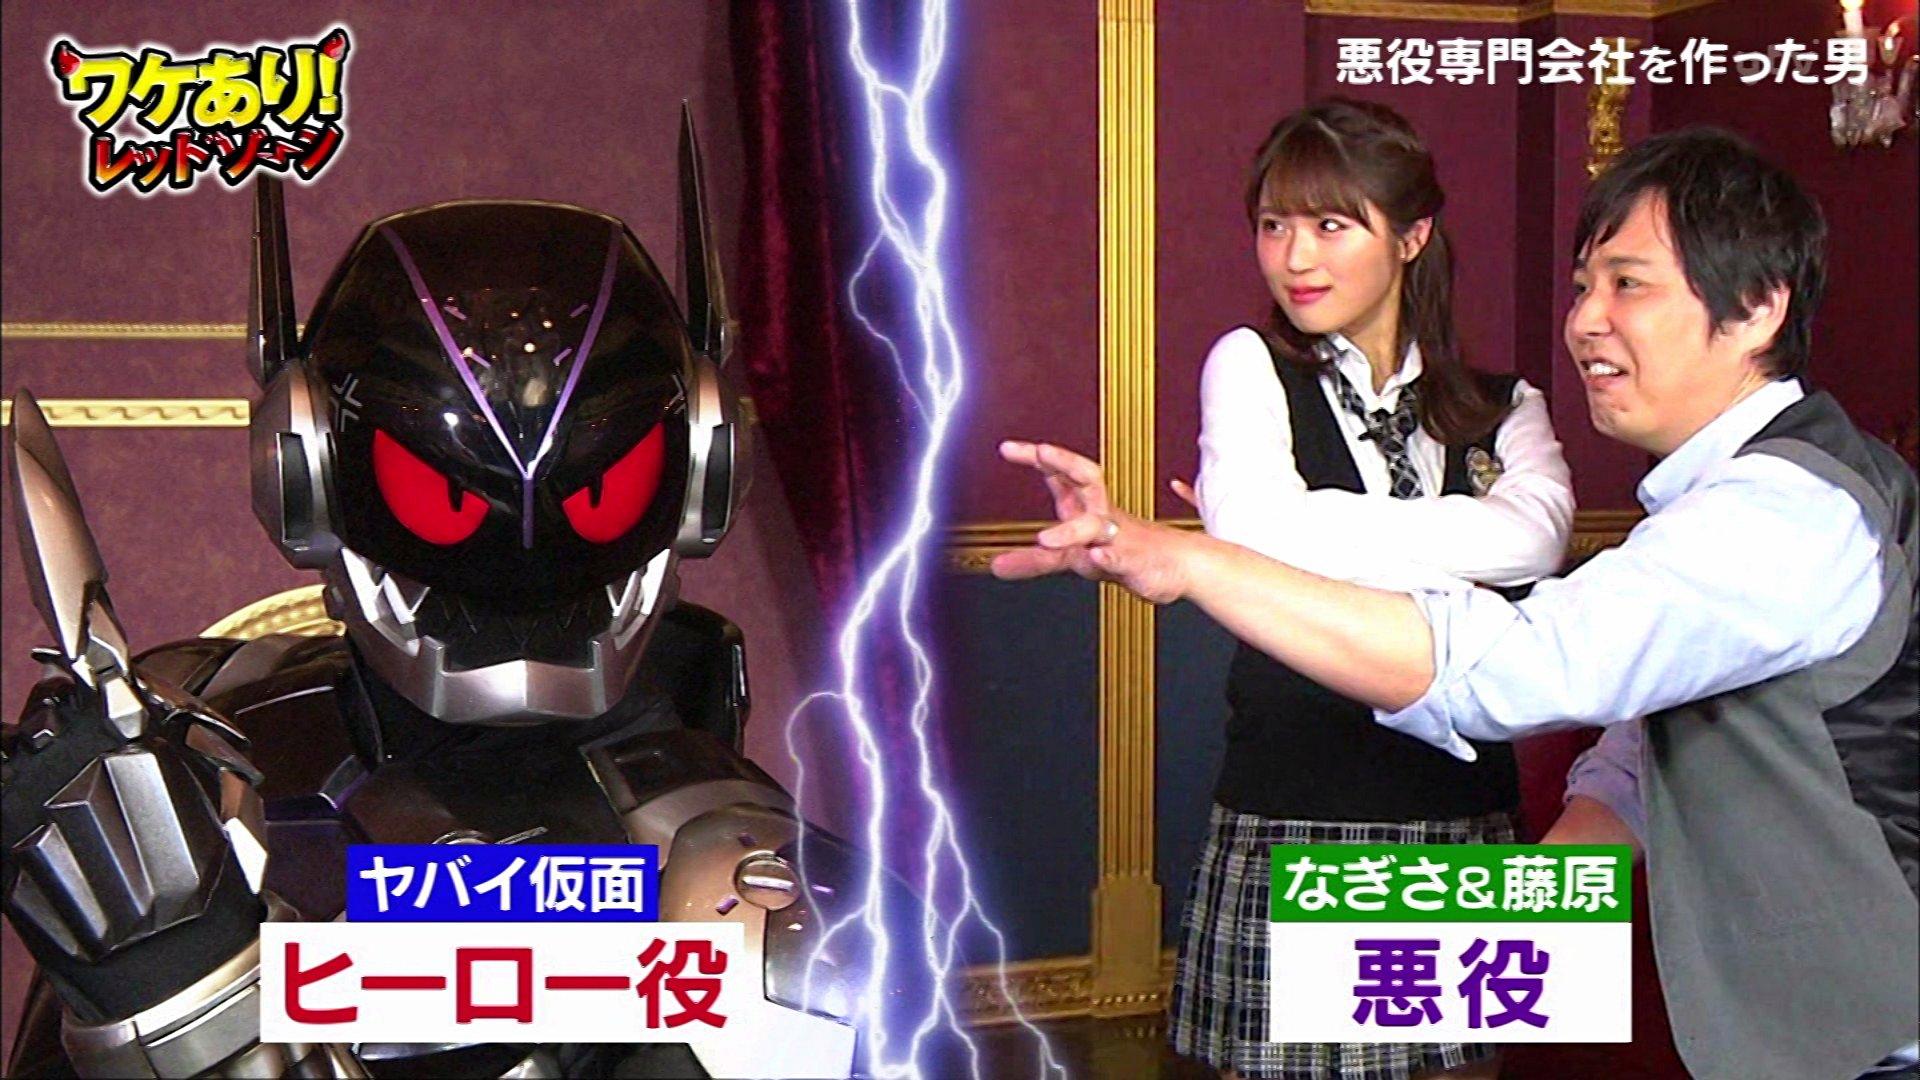 【渋谷凪咲】なぎさ出演6/1「ワケあり!レッドゾーン」の画像。株式会社「悪の秘密結社」さんが登場